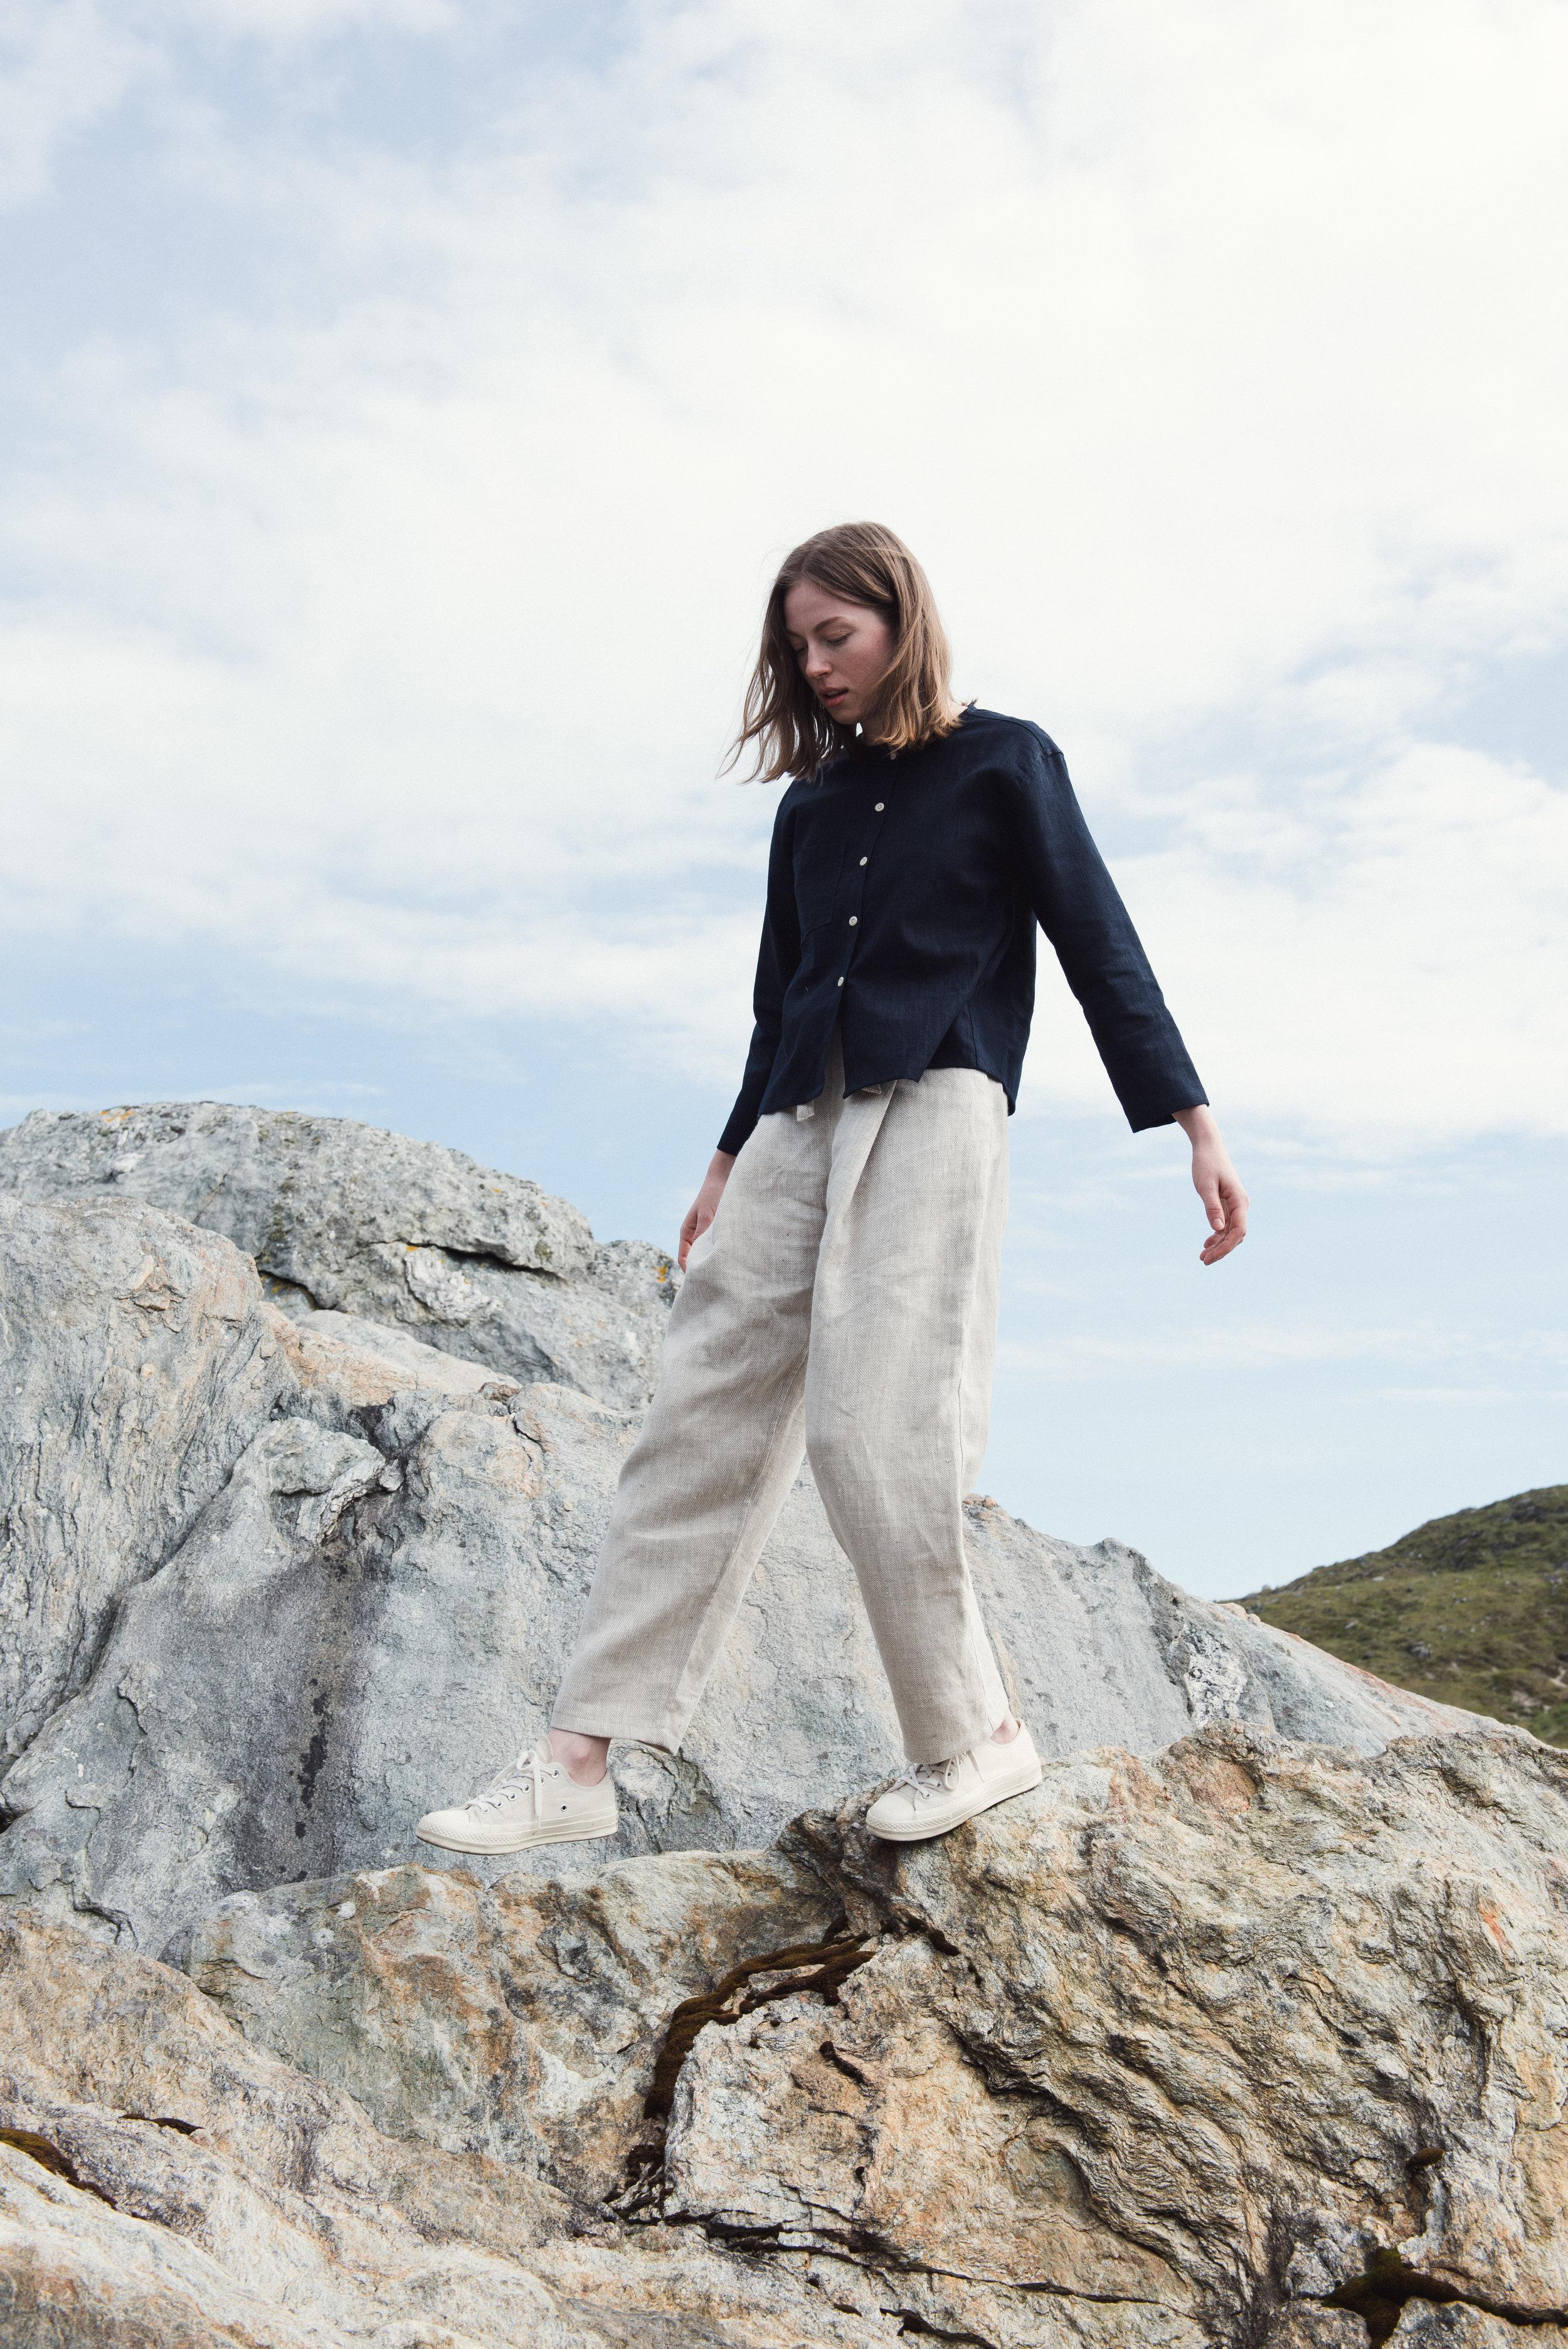 Shirt: Patti Trousers: Linen Twill Hakama